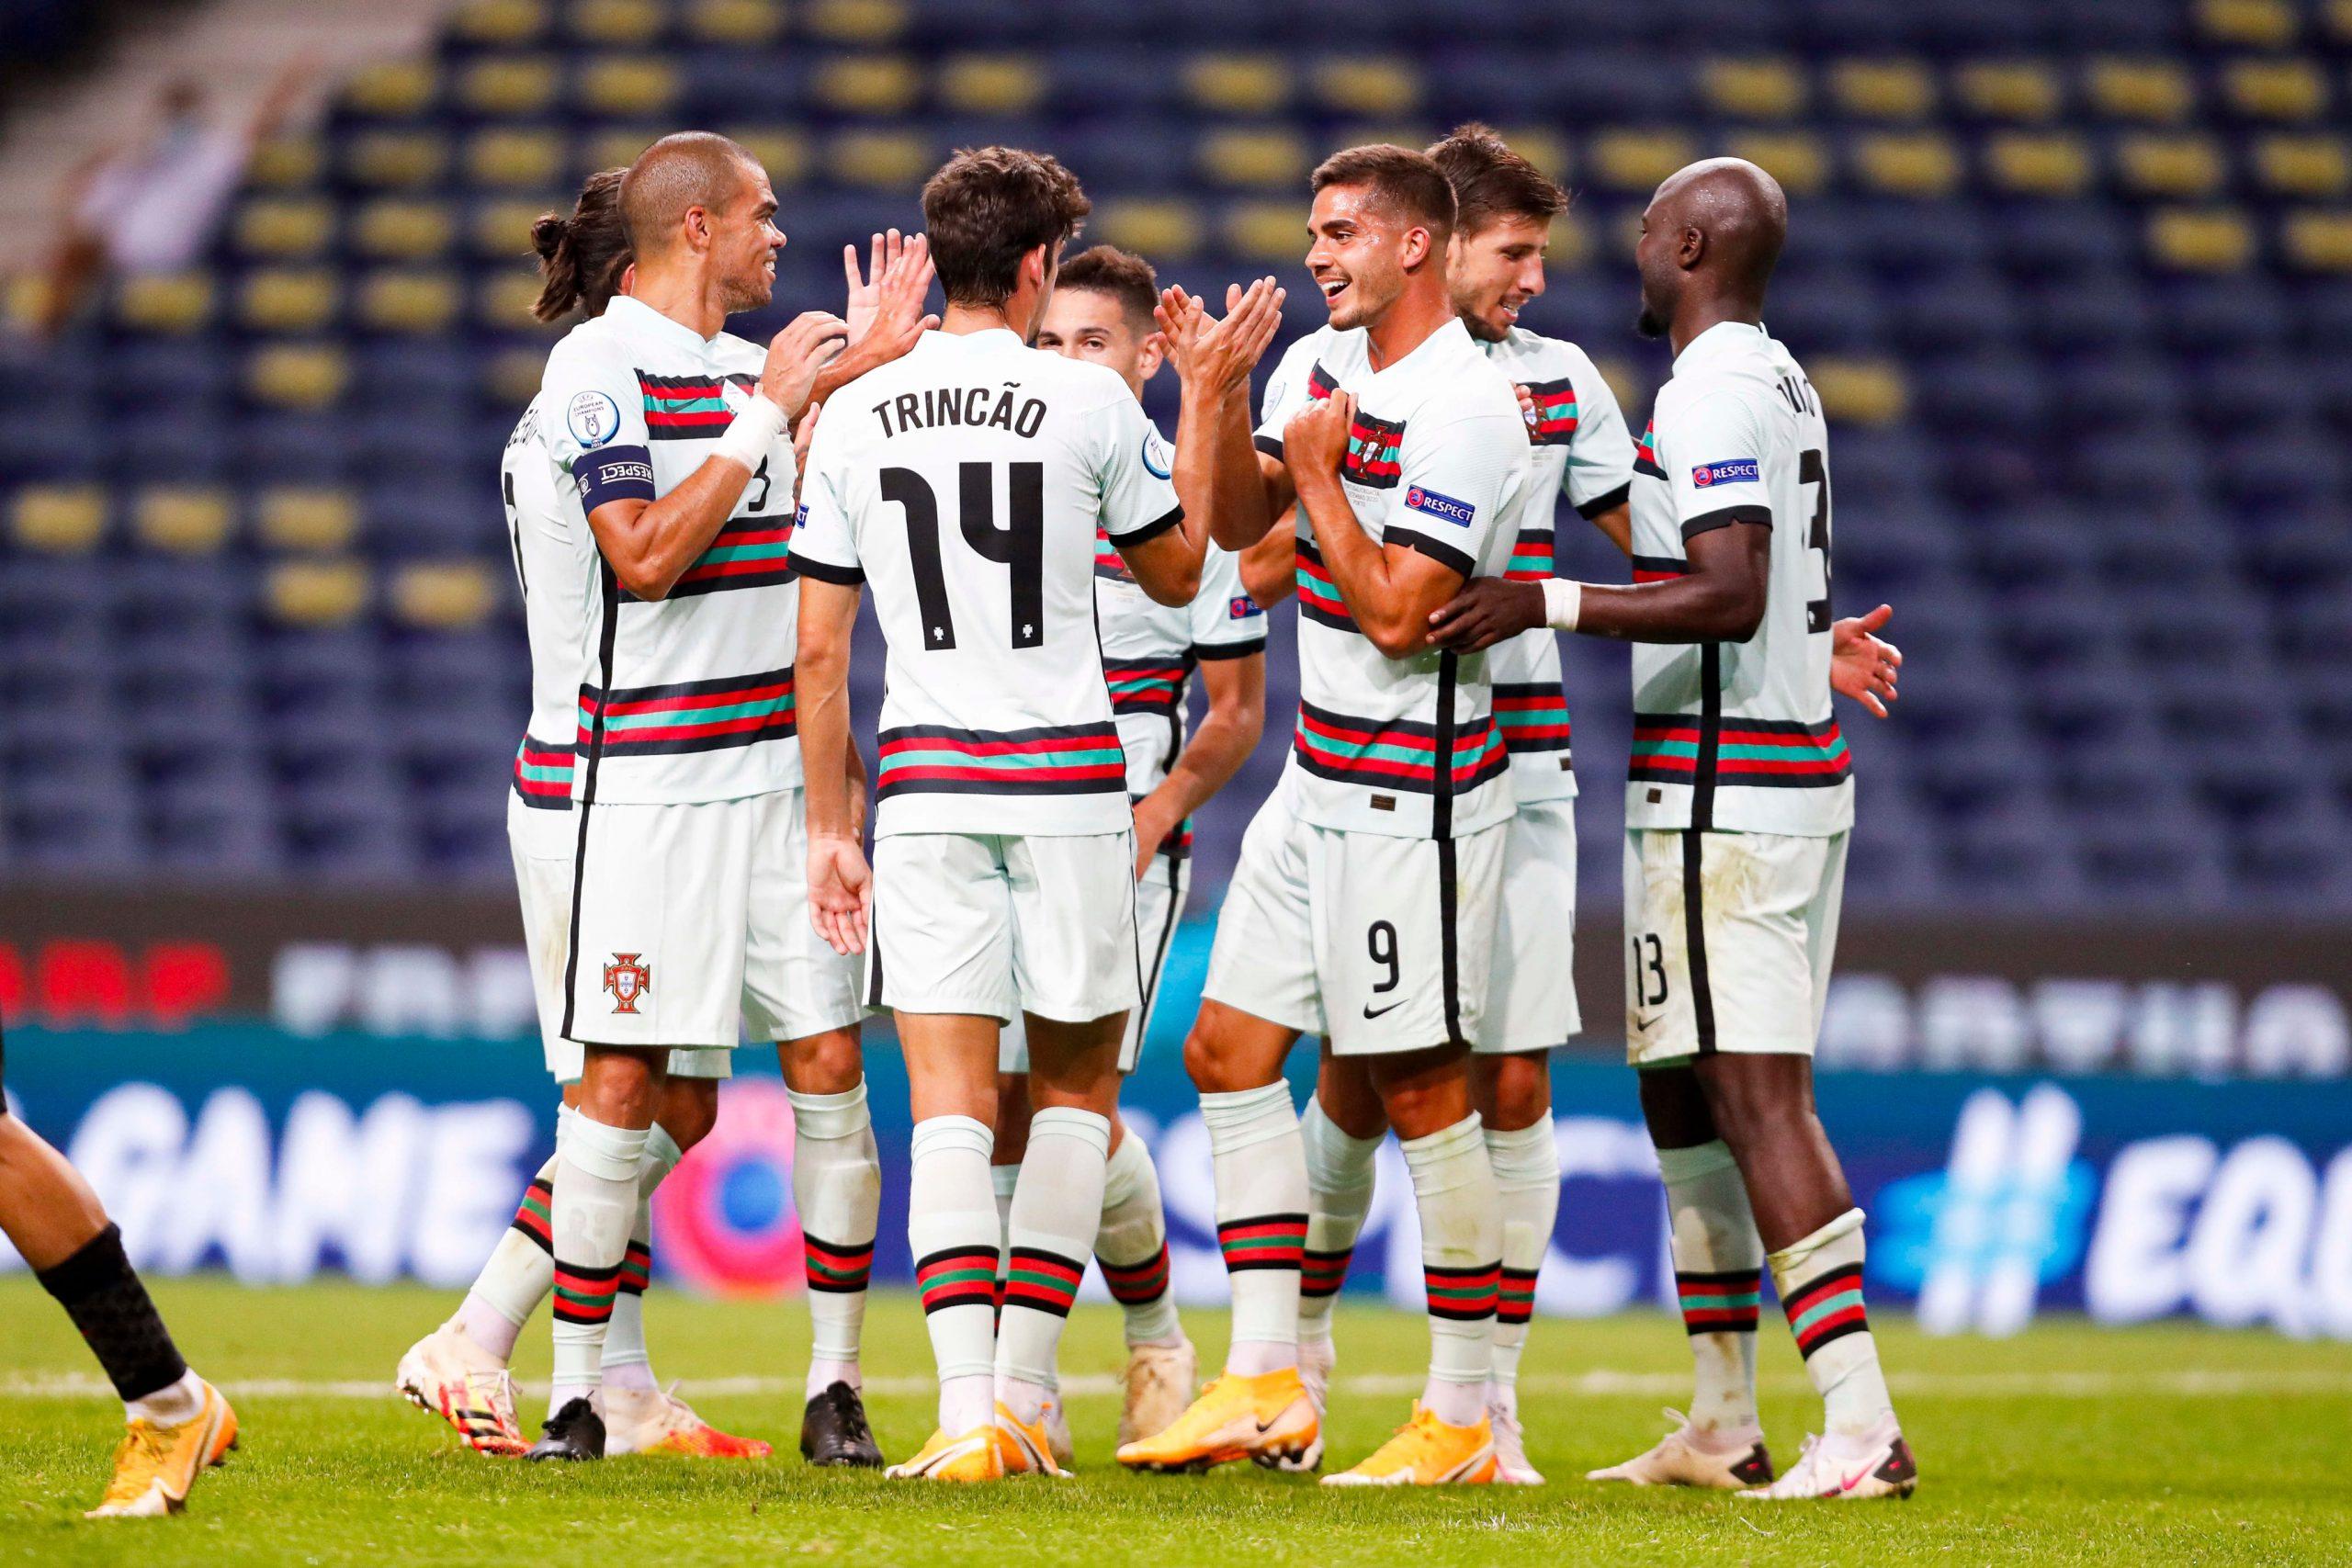 Un grand Portugal s'offre une belle victoire face à la Croatie (4-1) !